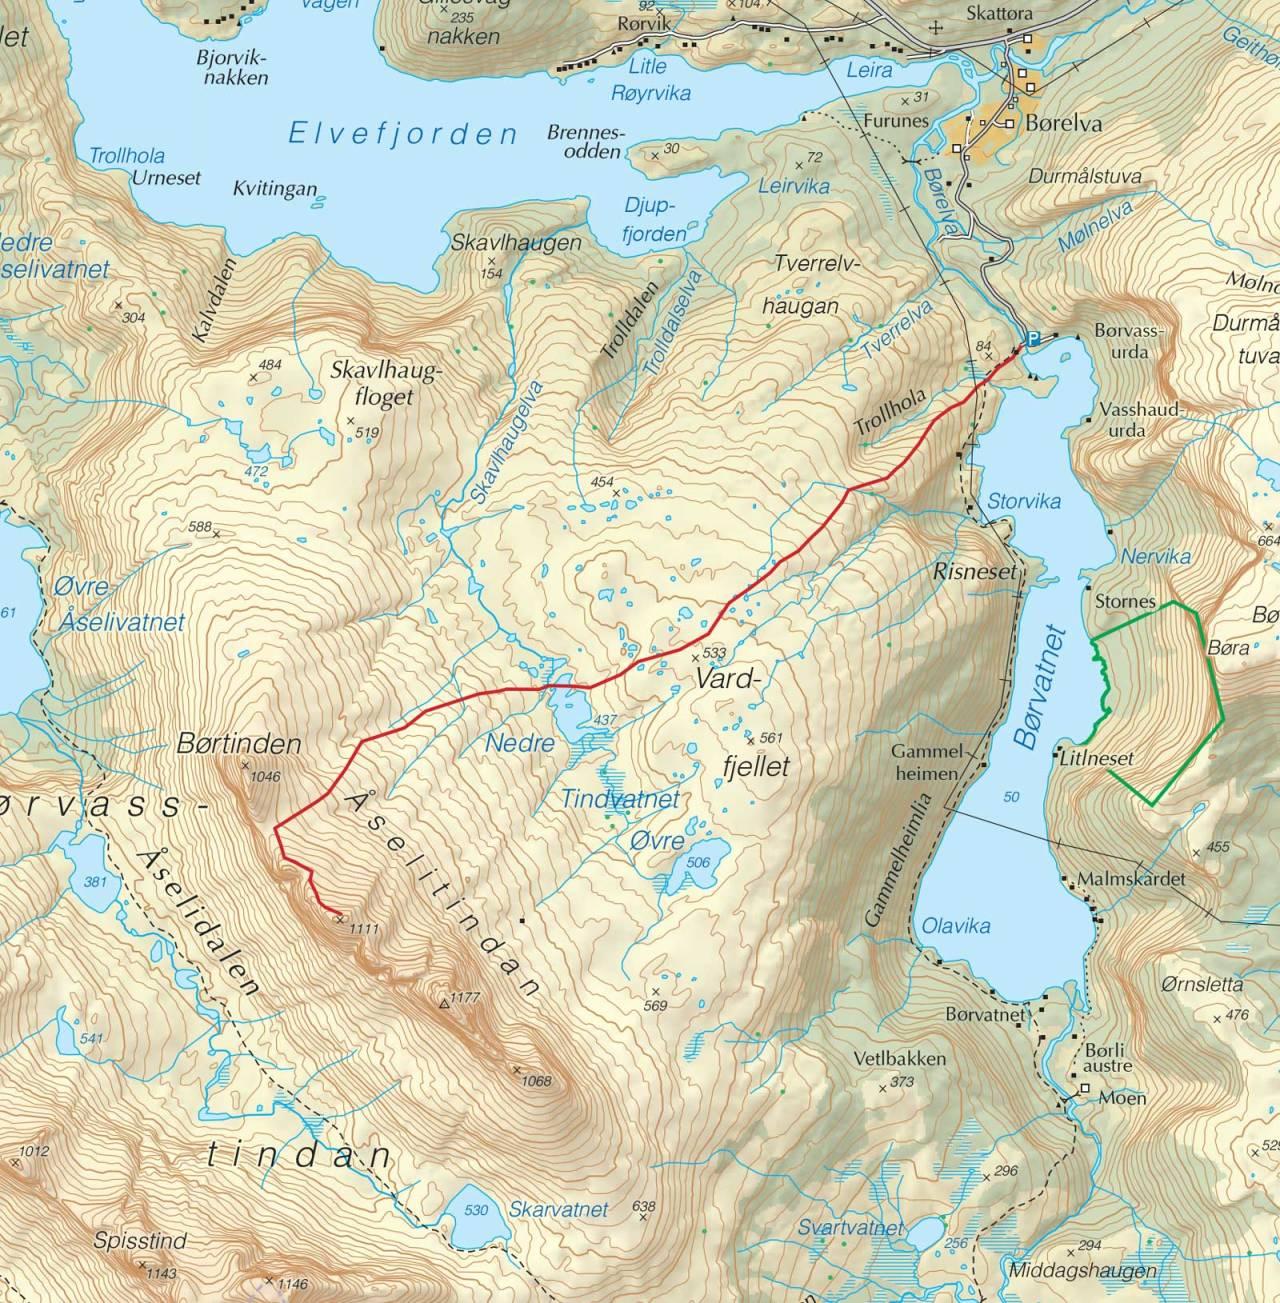 Kart over Ryptinden med inntegnet rute. Fra Trygge toppturer.